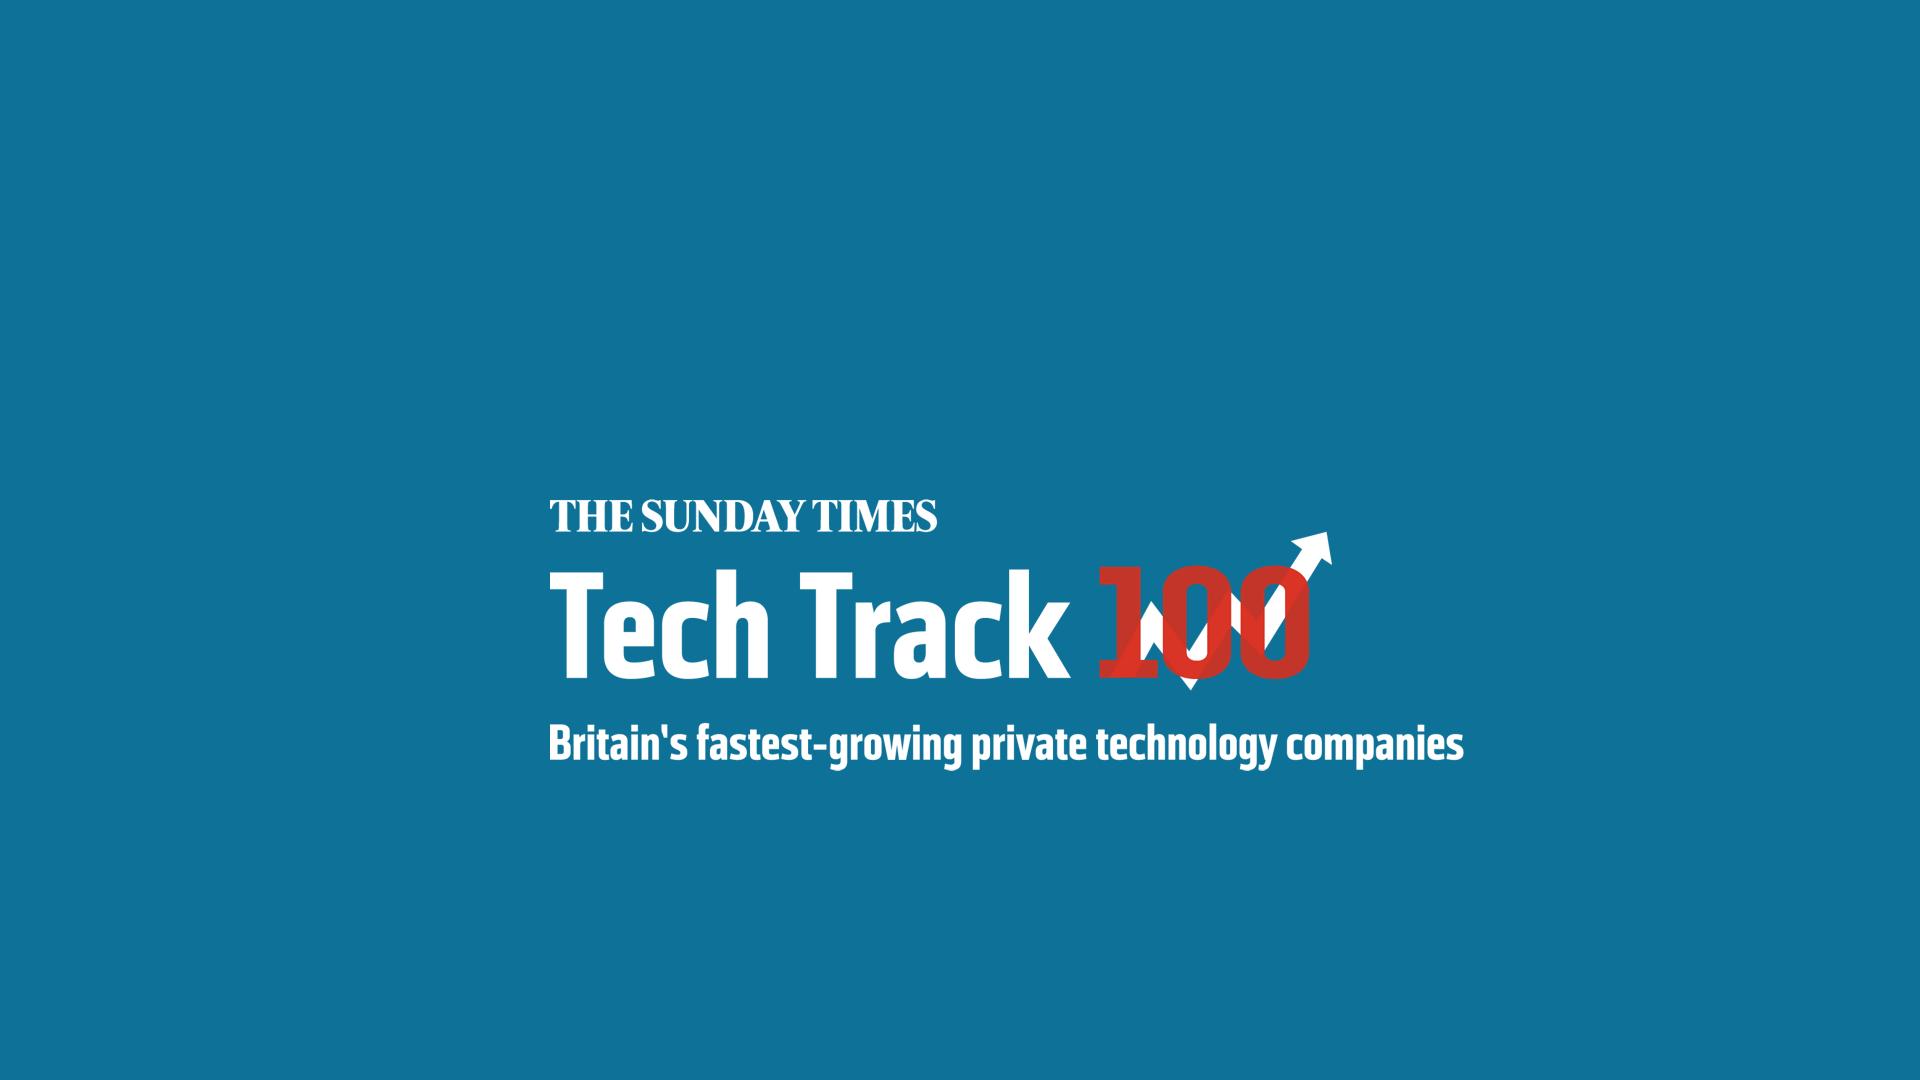 Firesprite Tech Track